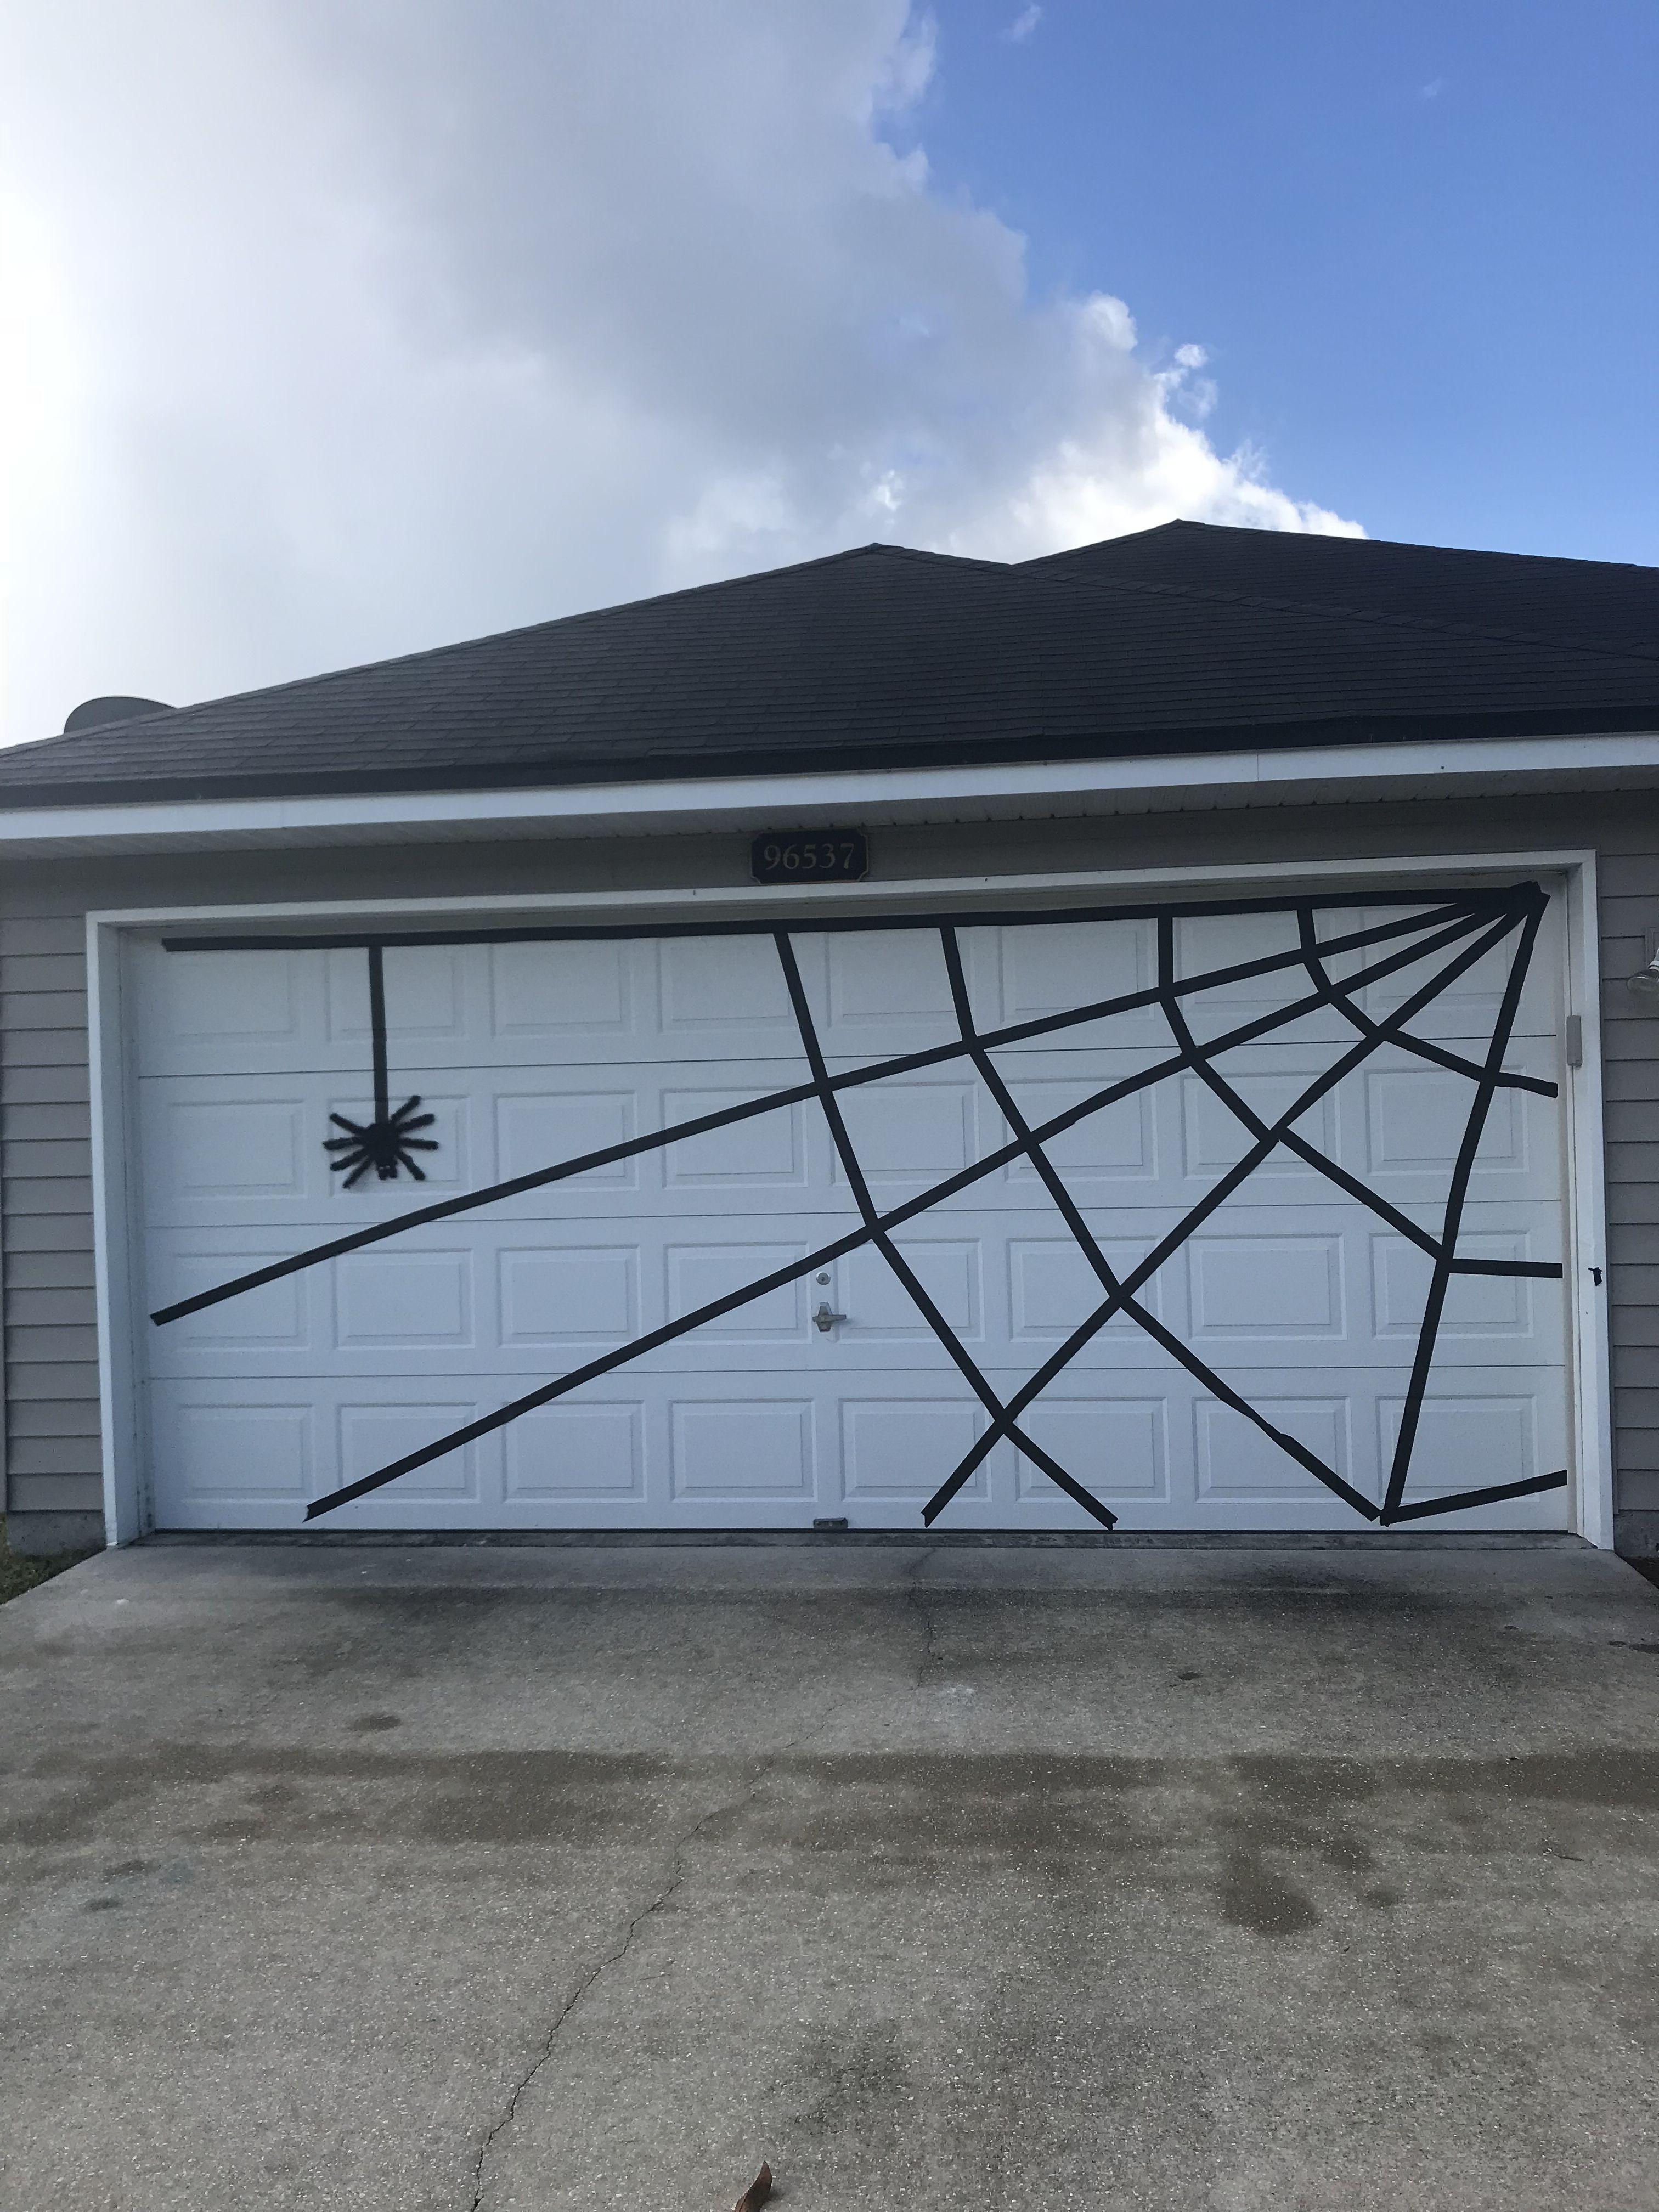 Halloween Garage Door Spider Web Using 2 Inch Black Painters Tape Dollar Tree Halloween Outdoor Decorations Garage Door Halloween Decor Halloween Diy Outdoor